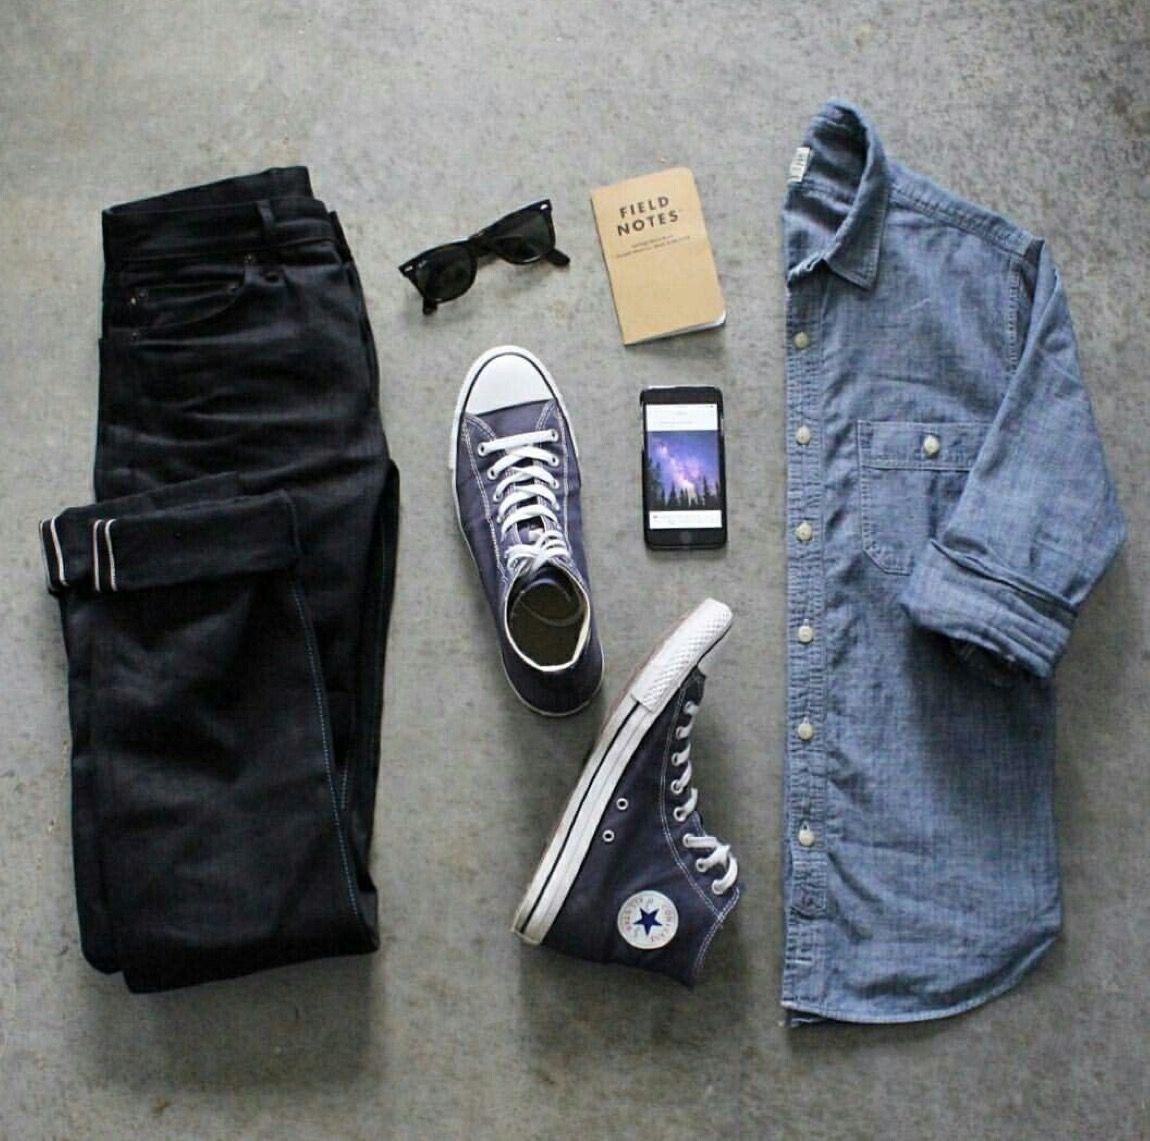 Outfit grid - Denim shirt  black jeans ...repinned für Gewinner!  - jetzt gratis Erfolgsratgeber sichern www.ratsucher.de #outfitgrid Outfit grid - Denim shirt  black jeans ...repinned für Gewinner!  - jetzt gratis Erfolgsratgeber sichern www.ratsucher.de #outfitgrid